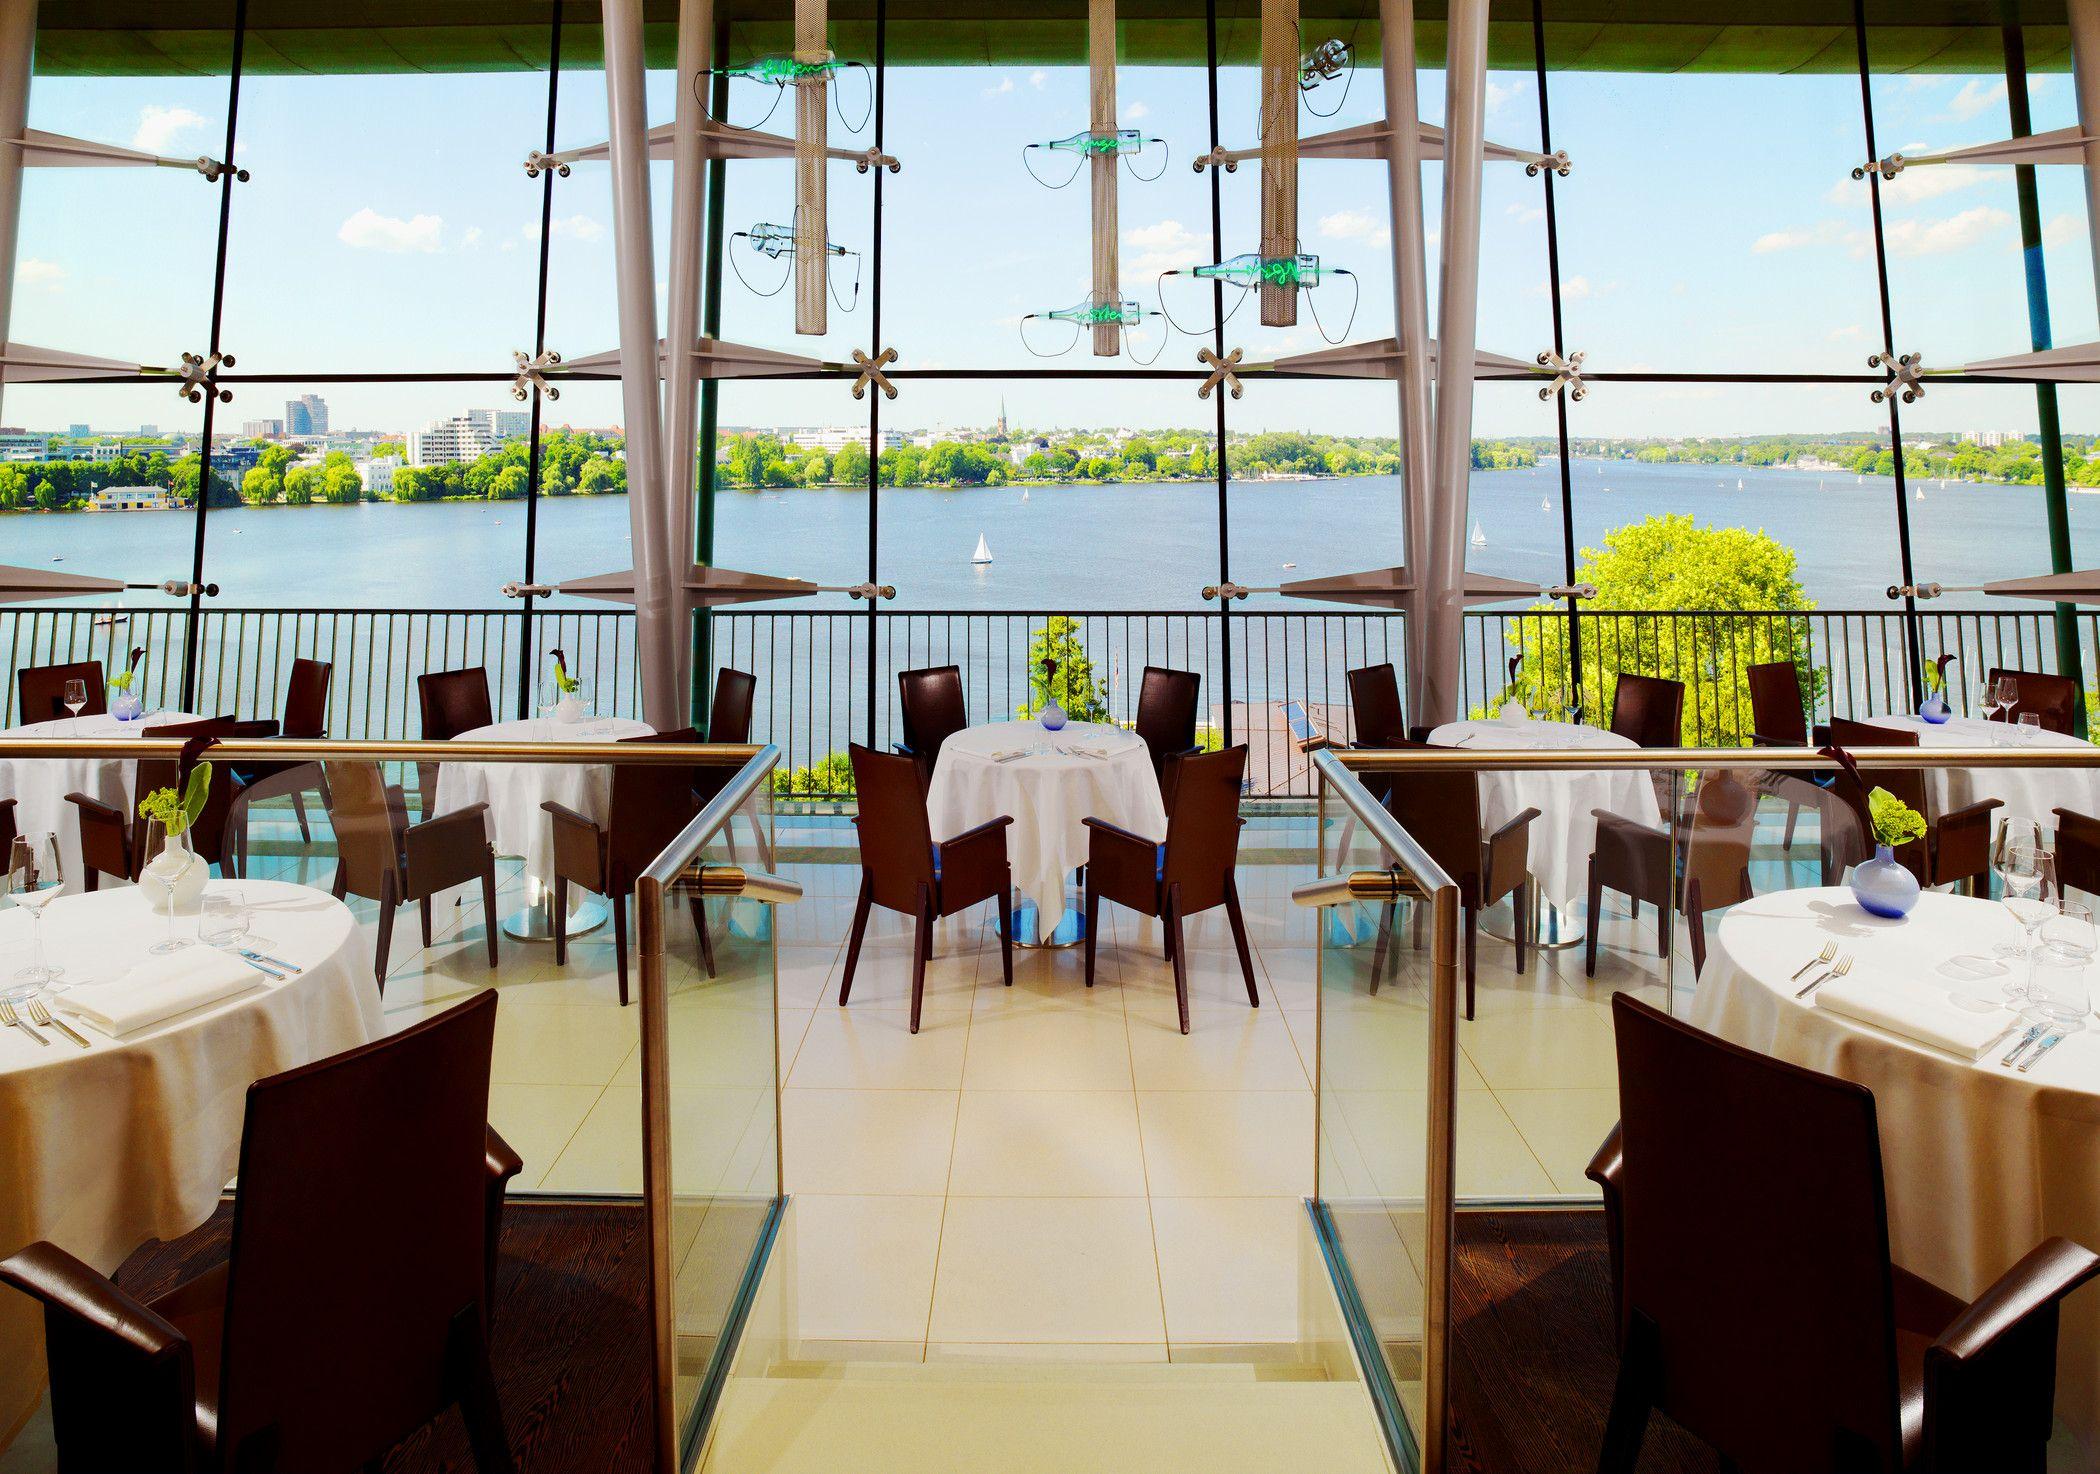 Le Ciel Restaurant et Bar, Hotel Le Meridien (St. Georg) - great view over the Alster Lake, good cocktails http://www.leciel.de/de/